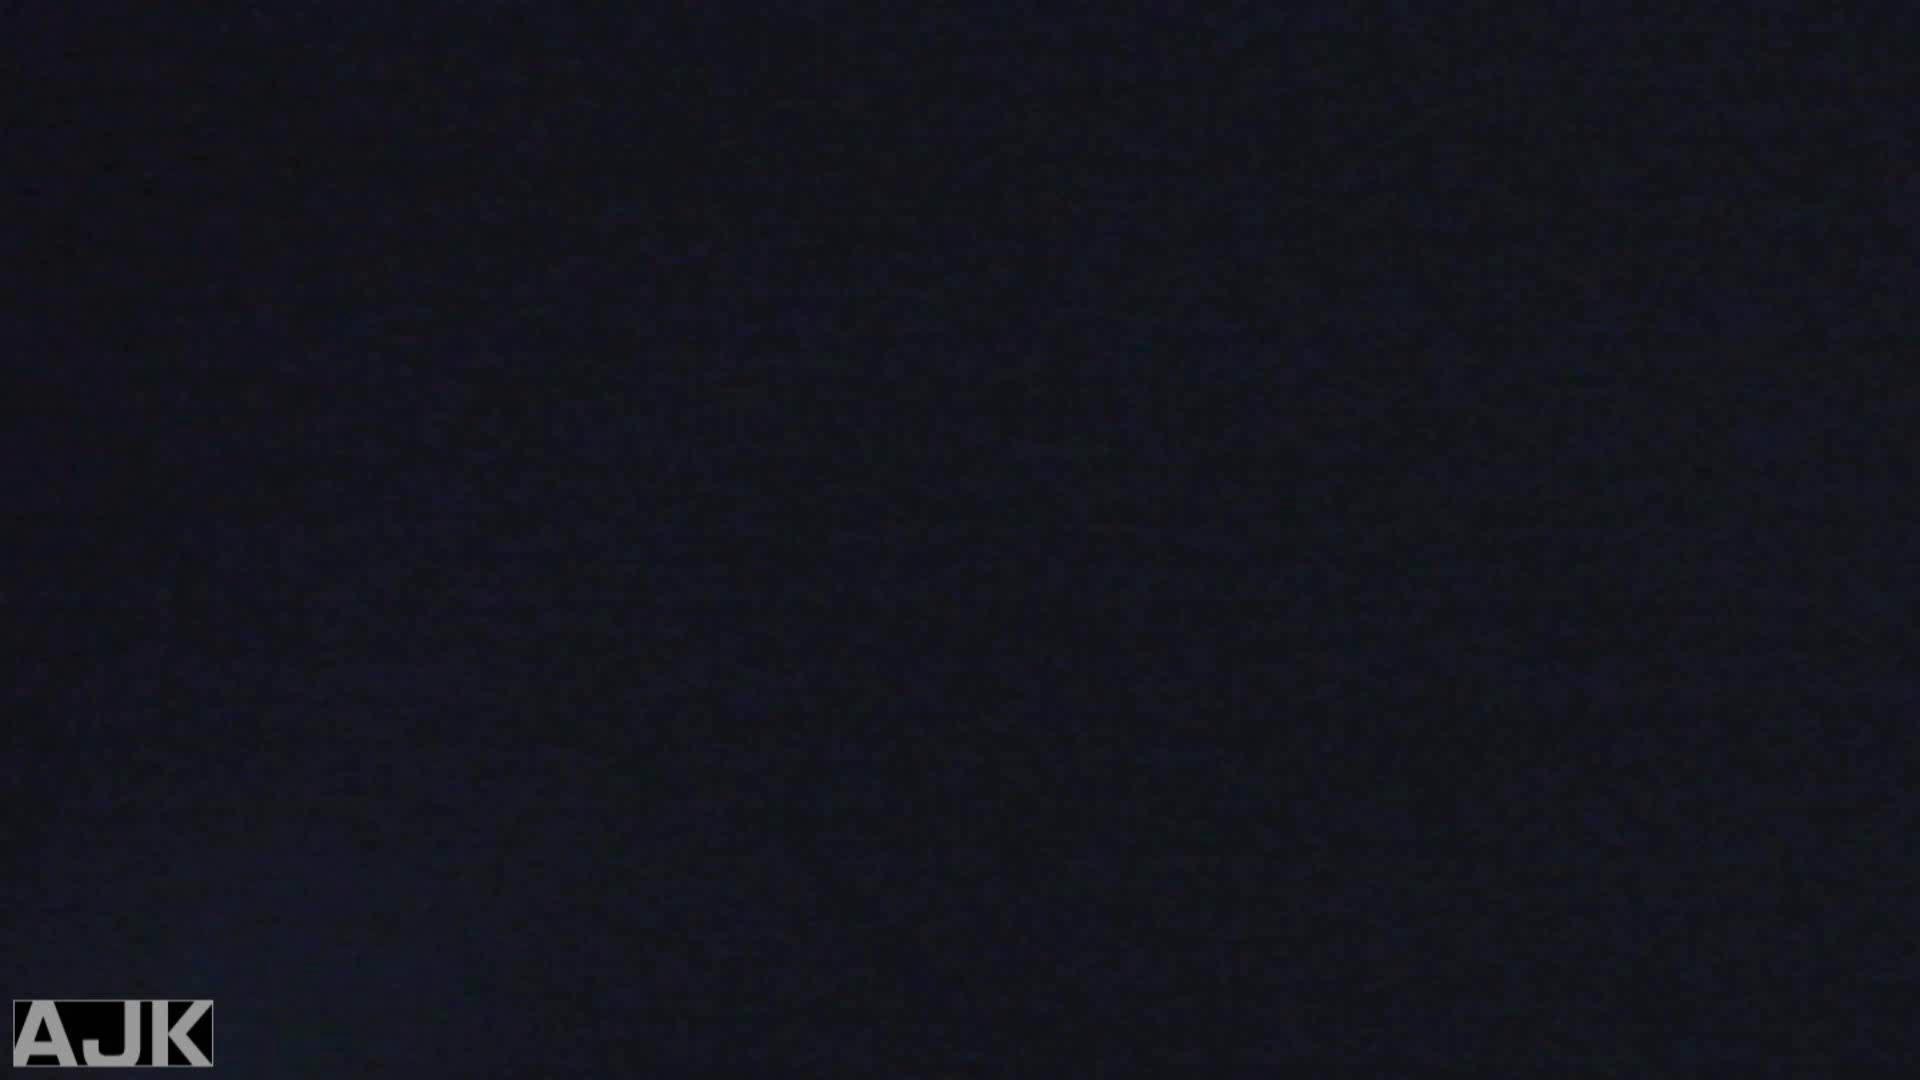 神降臨!史上最強の潜入かわや! vol.22 潜入  112PIX 12